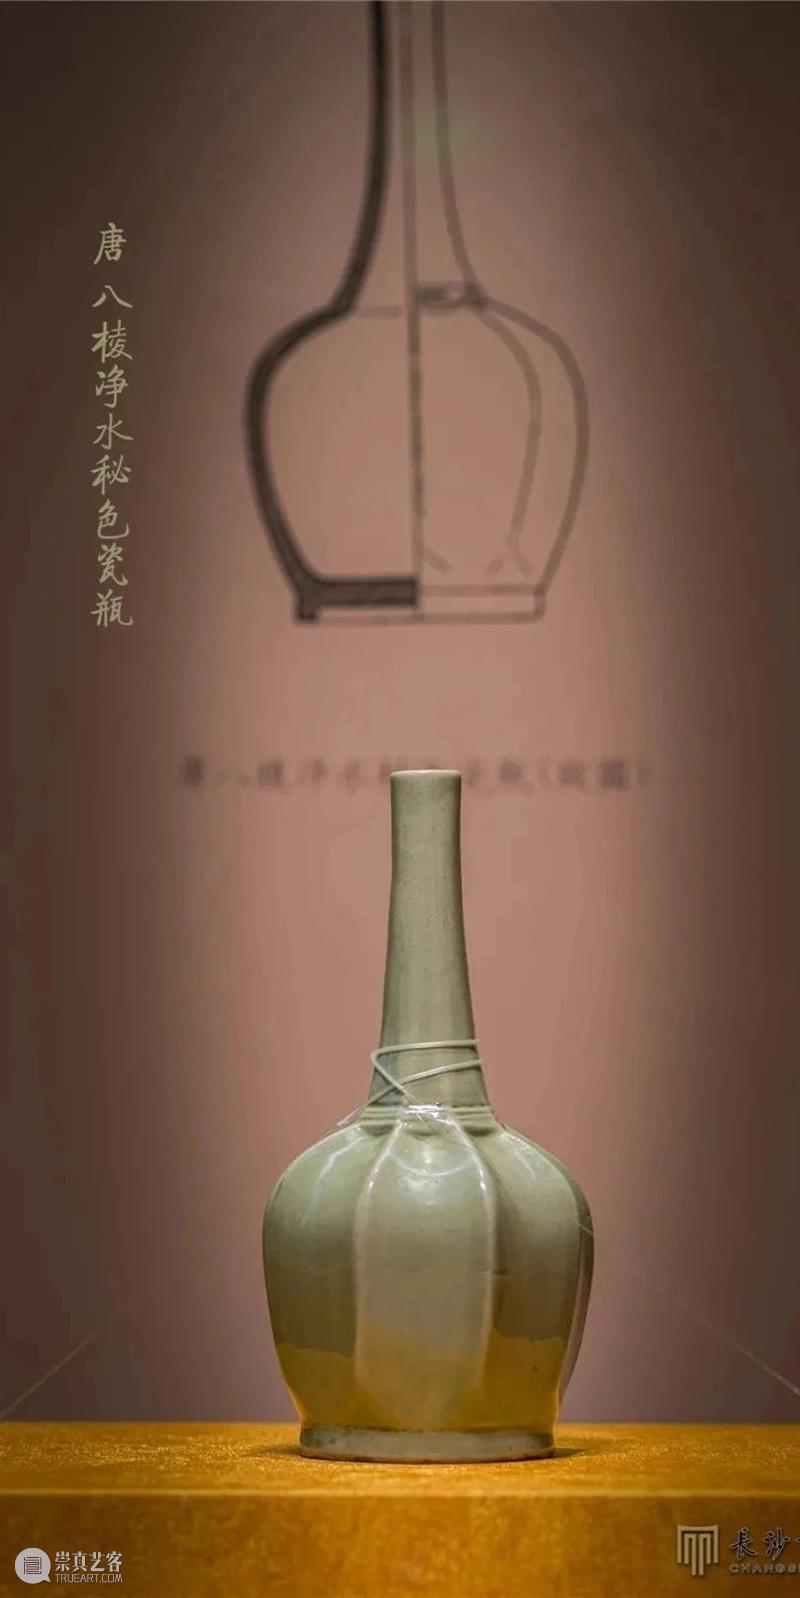 """和考古学家对话:在""""秦咸阳城""""考古是什么体验? 咸阳城 考古学家 本文 官方 微信号 陕西 历史 秦始皇 中国 所在地 崇真艺客"""